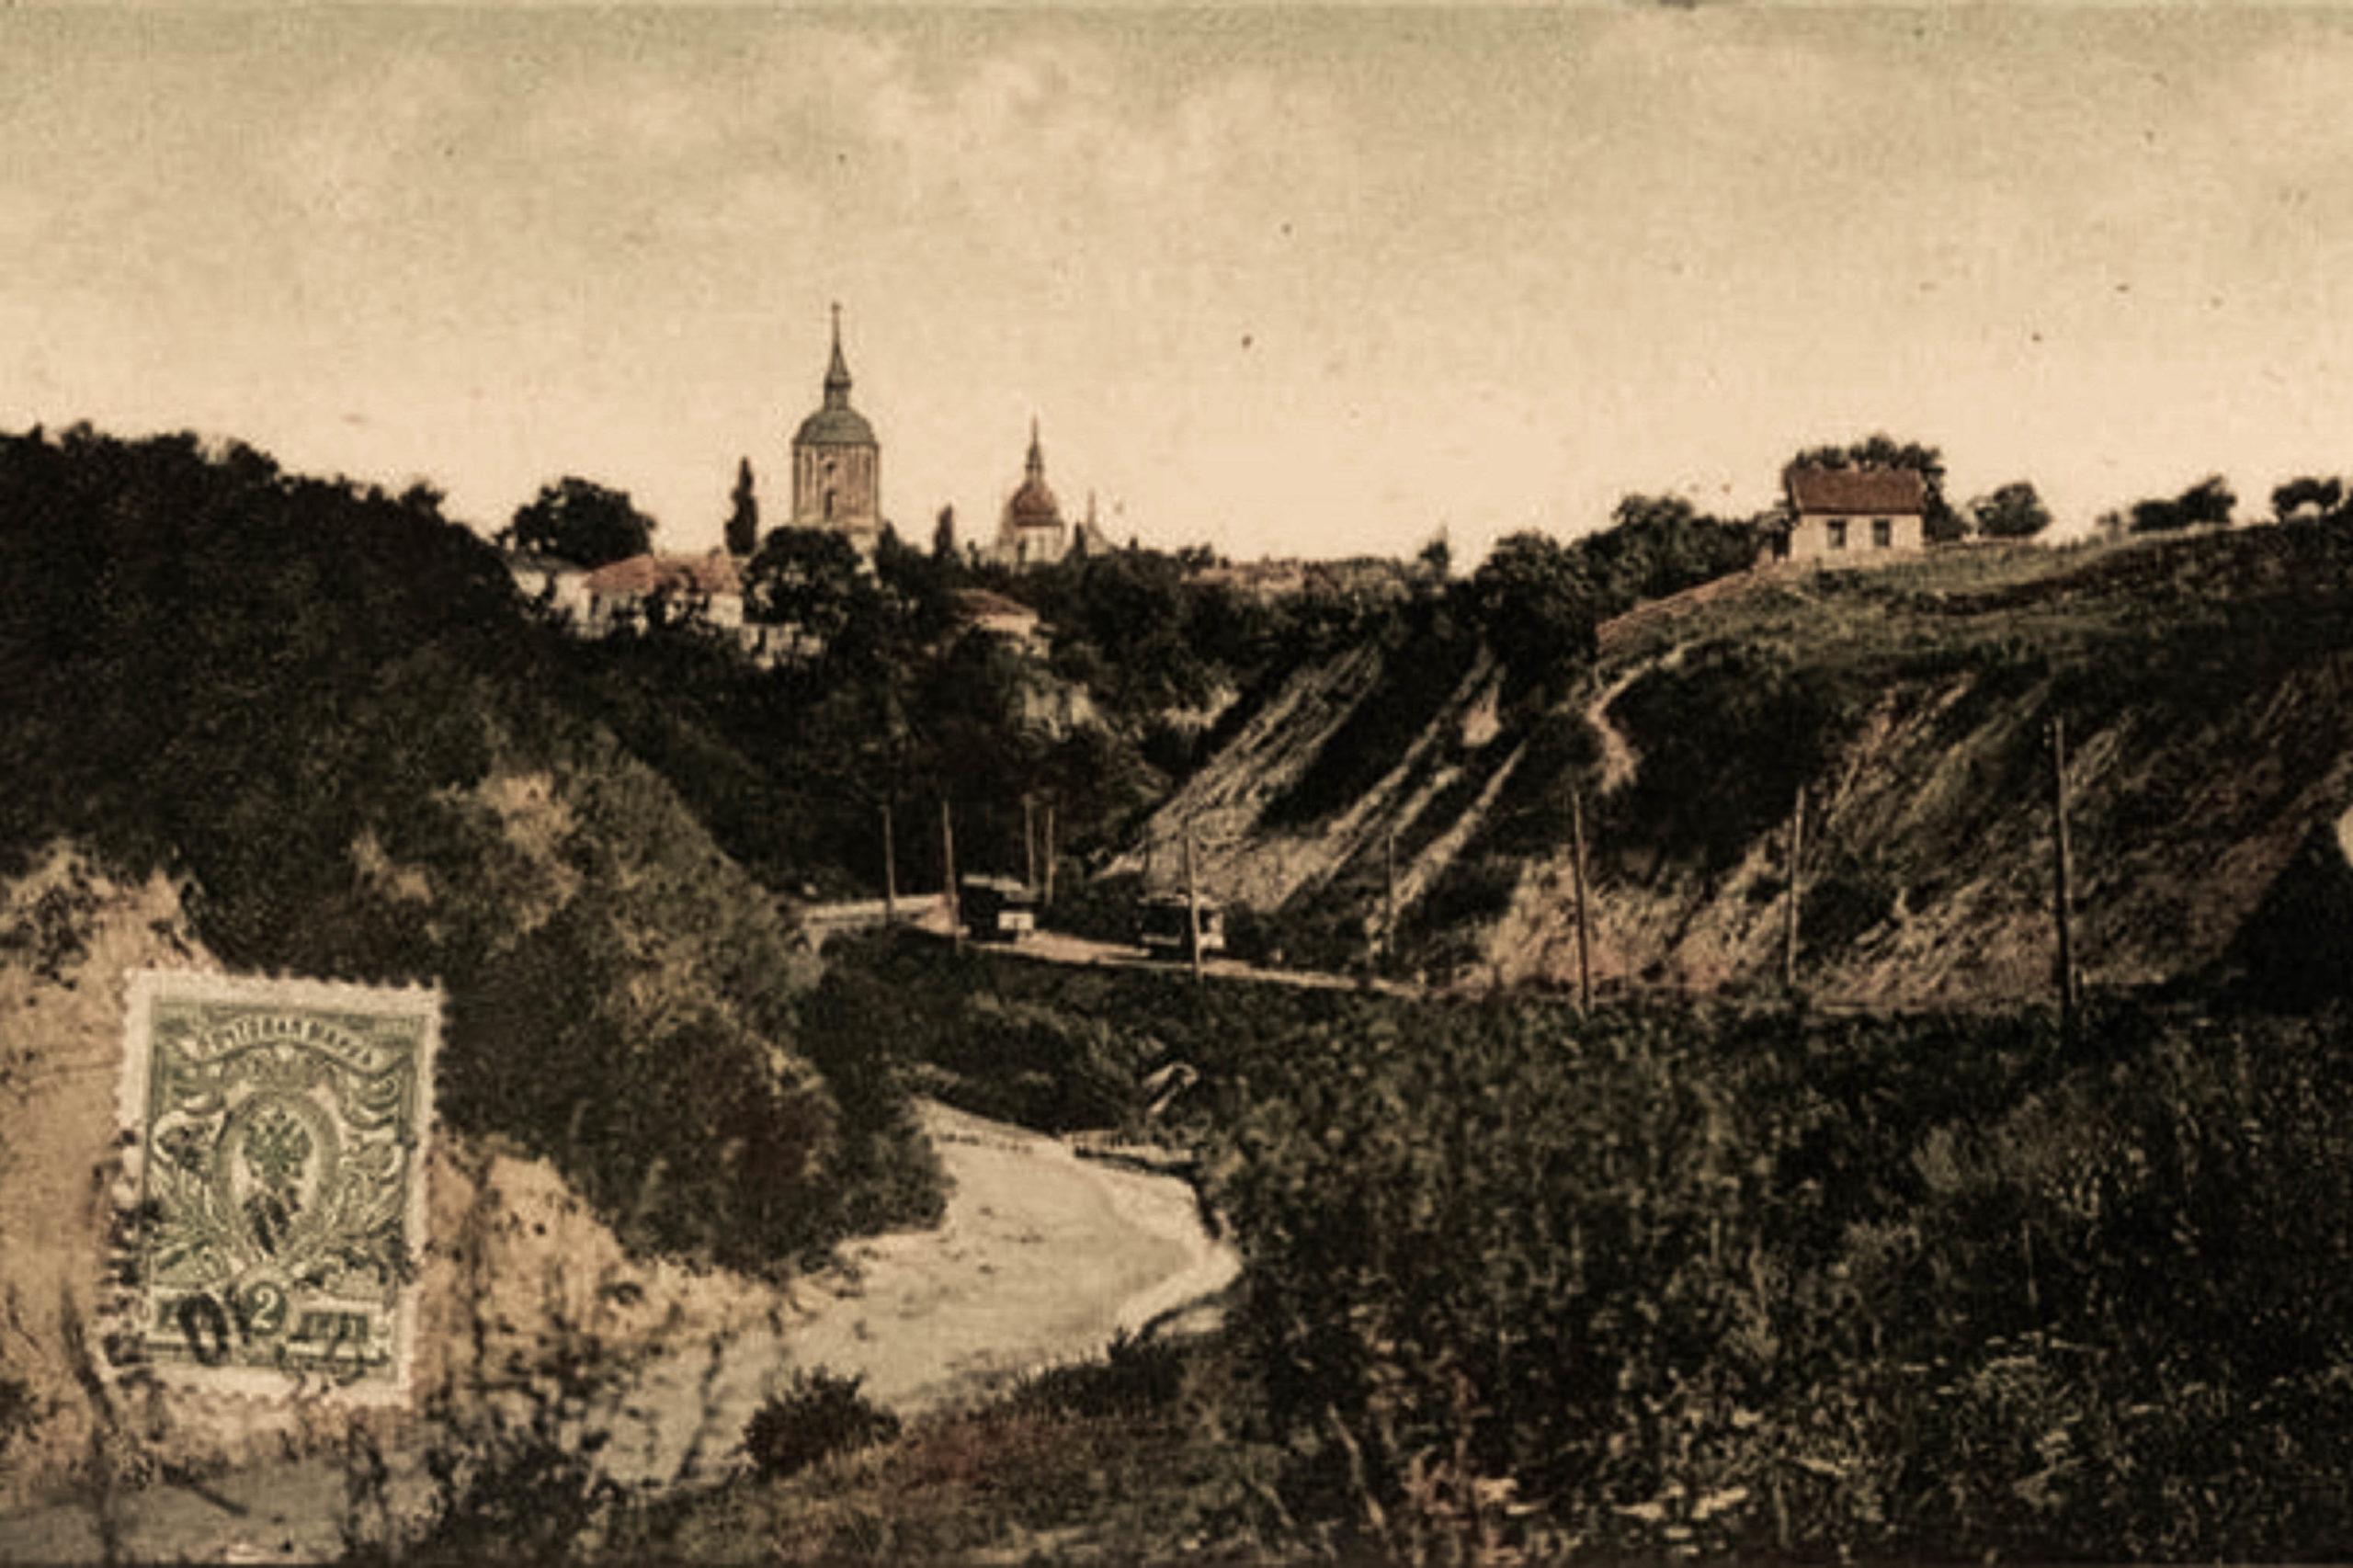 Киевская Швейцария - Лукьяновка  - Бабий Яр - Дорогожичи